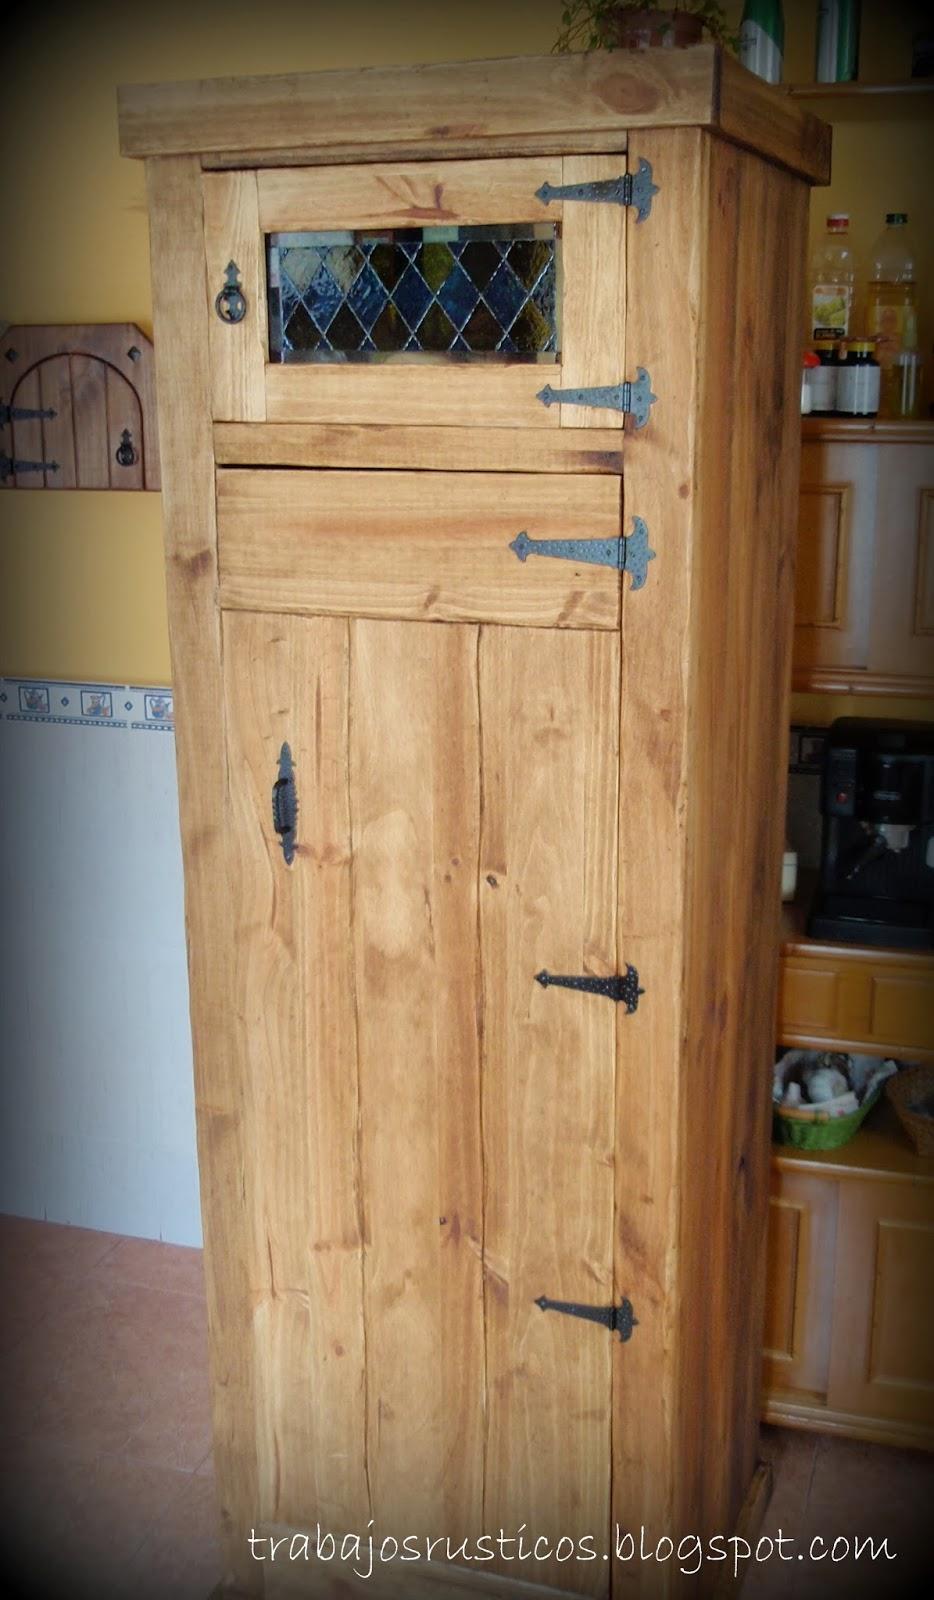 Trabajos r sticos alacena para la cocina - Puertas de cocina rusticas ...